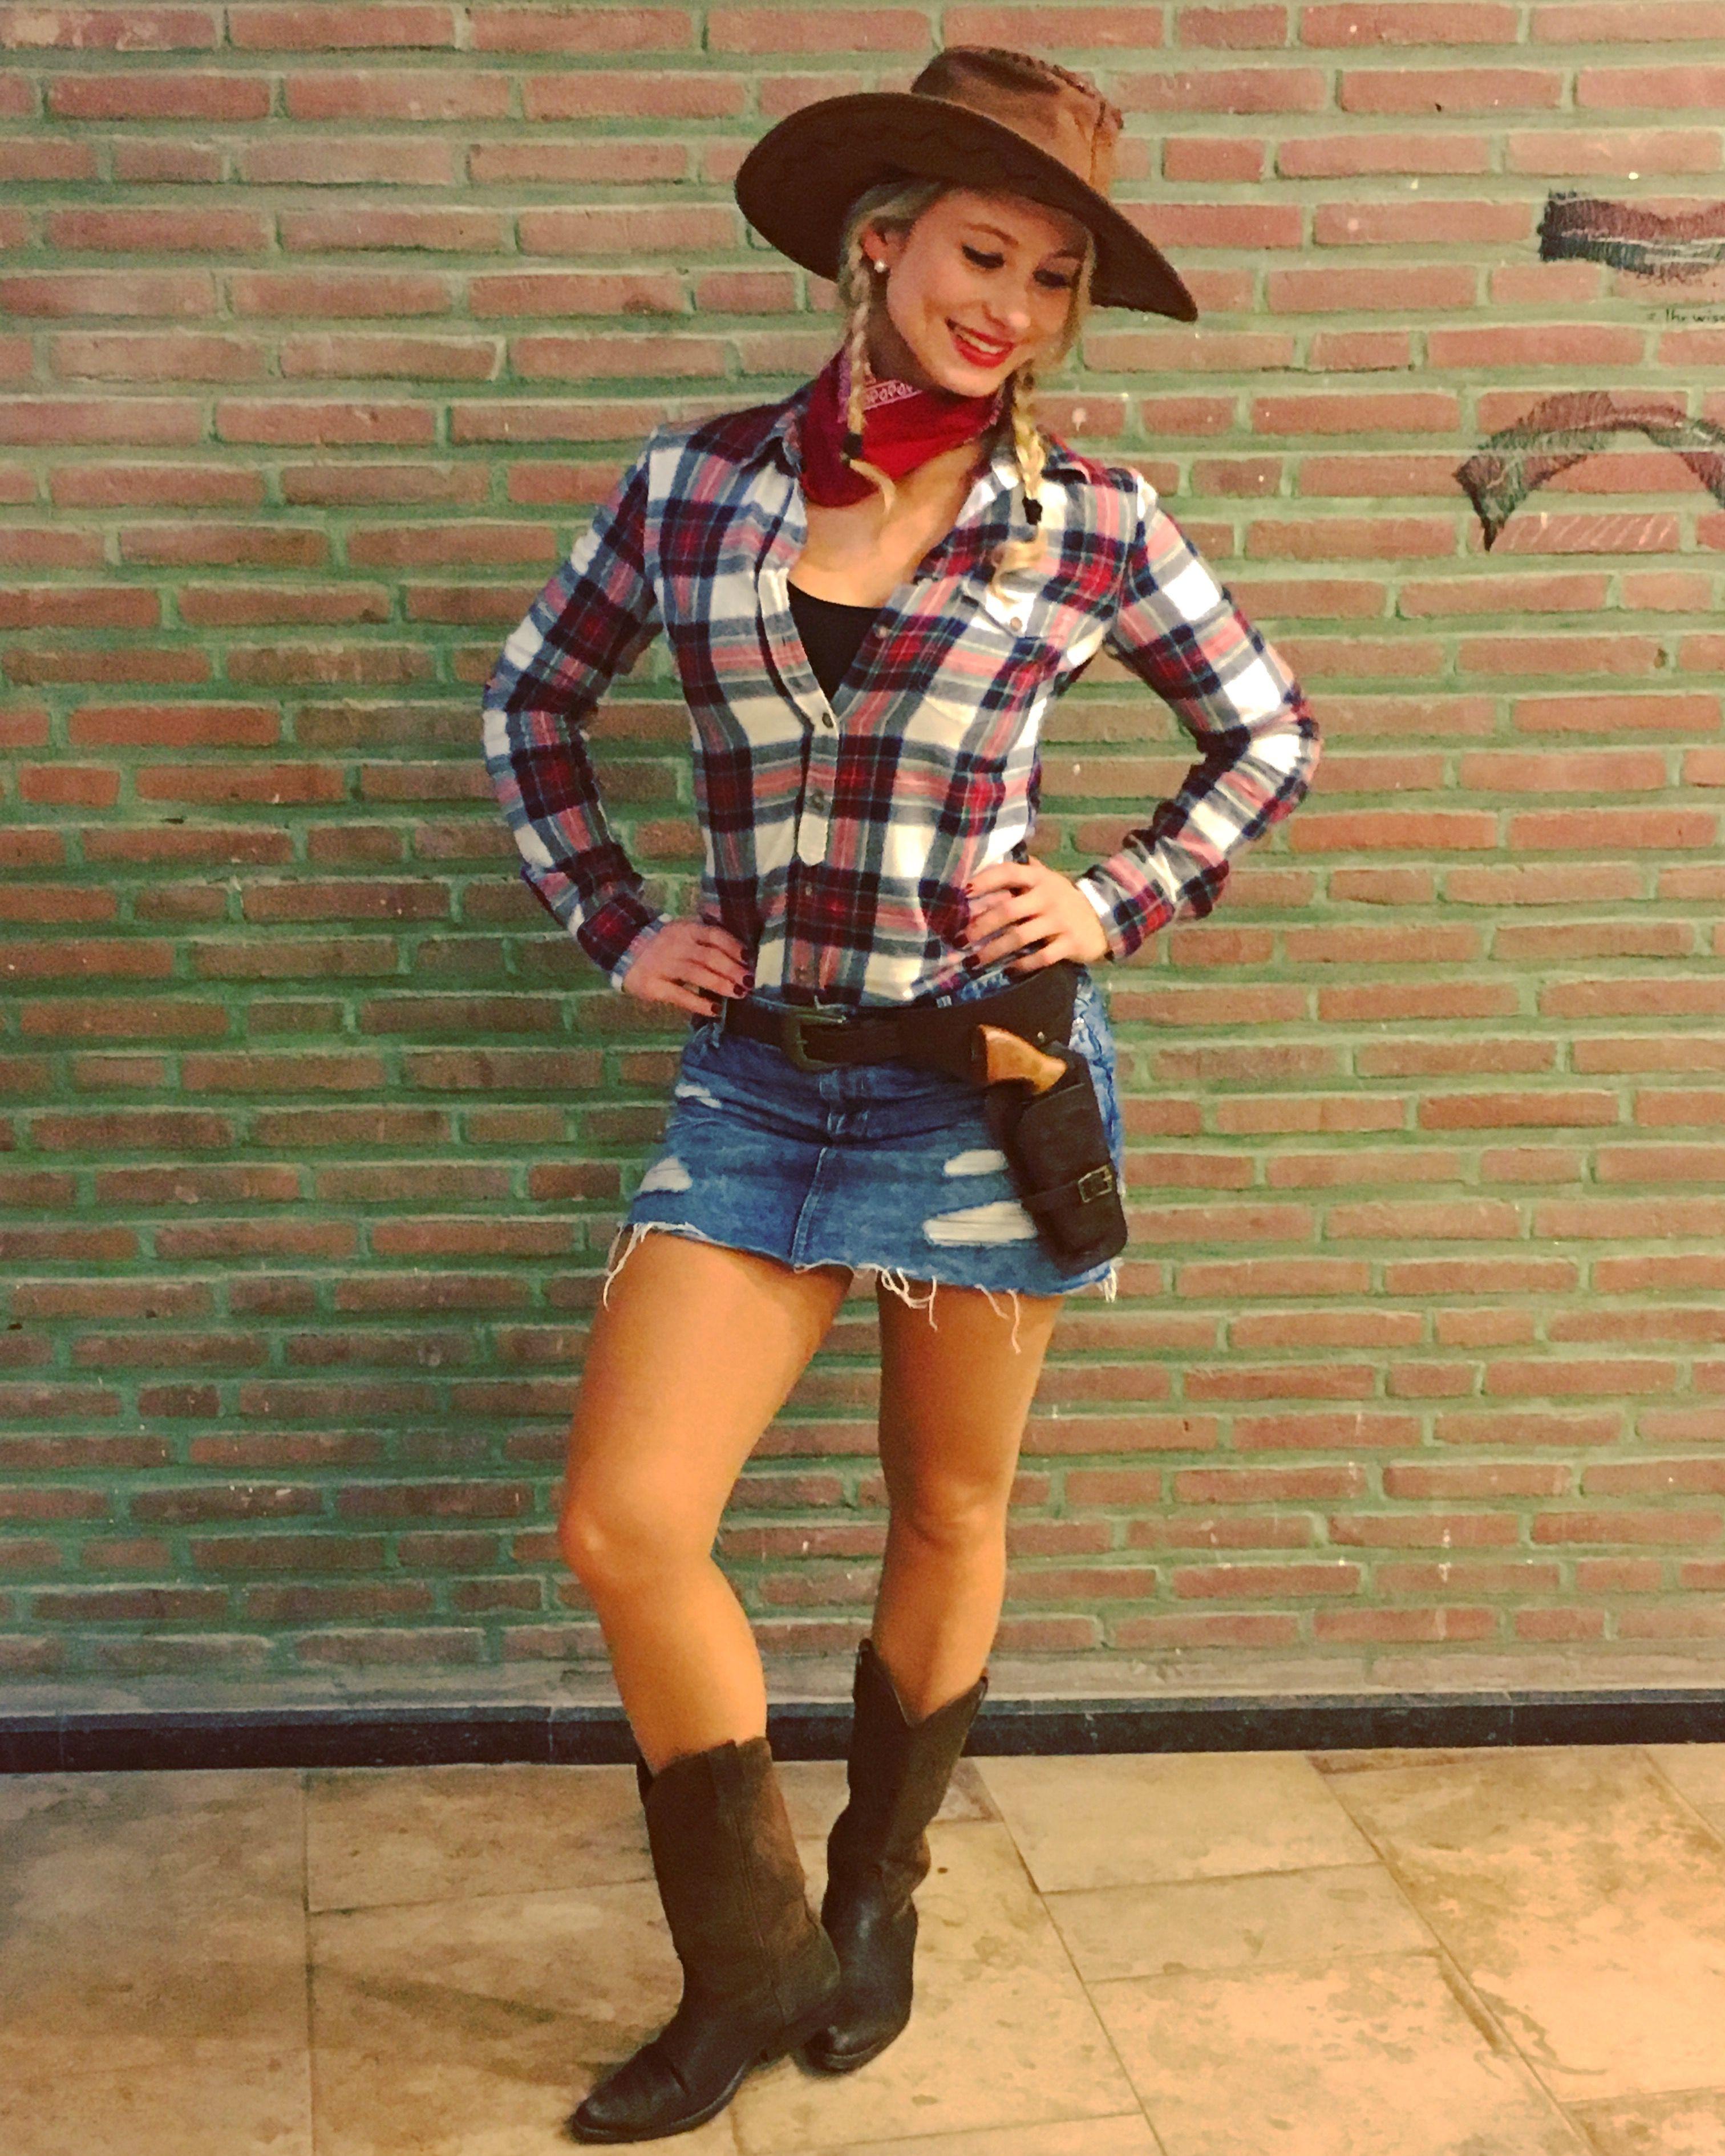 Cowgirl Kostüm :) #cowboysandcowgirls